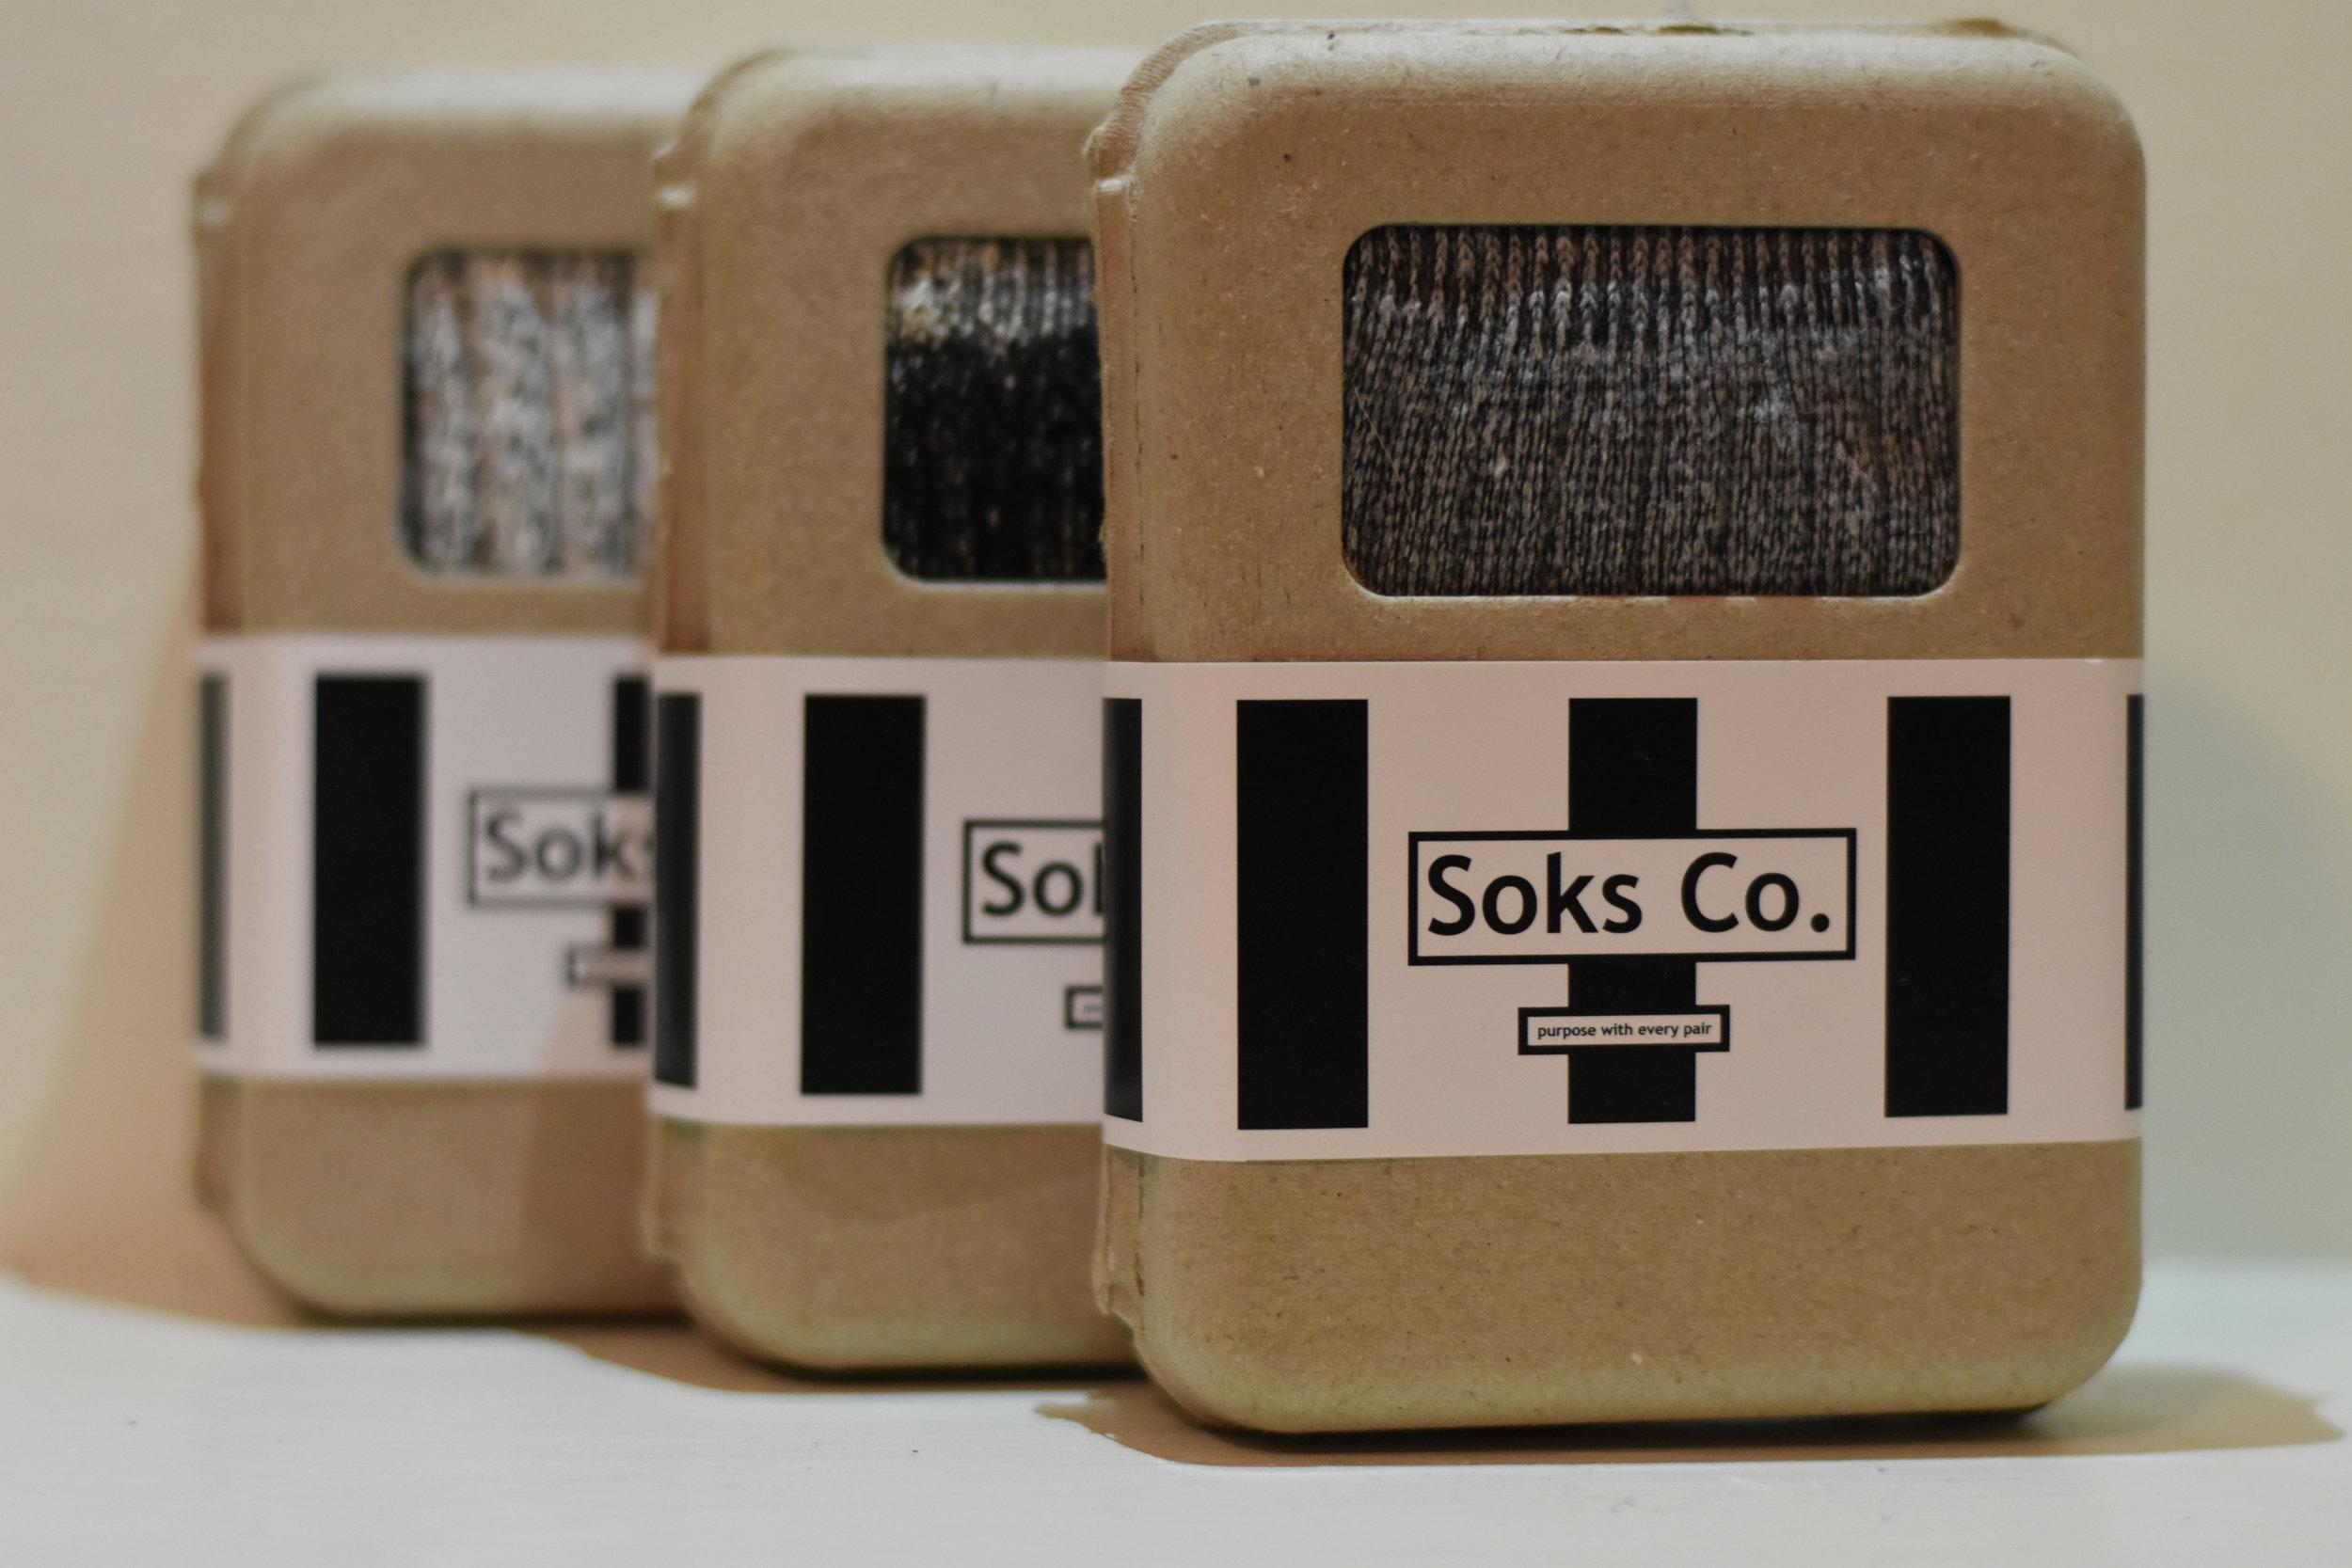 Soks Co. Packages of socks. Grey Original Merino Wool (Closest), Black Original Merino Wool (Middle), and Salt N' Pepper Cable Knit socks (Furthest). Photo courtesy of Austin Nelson.